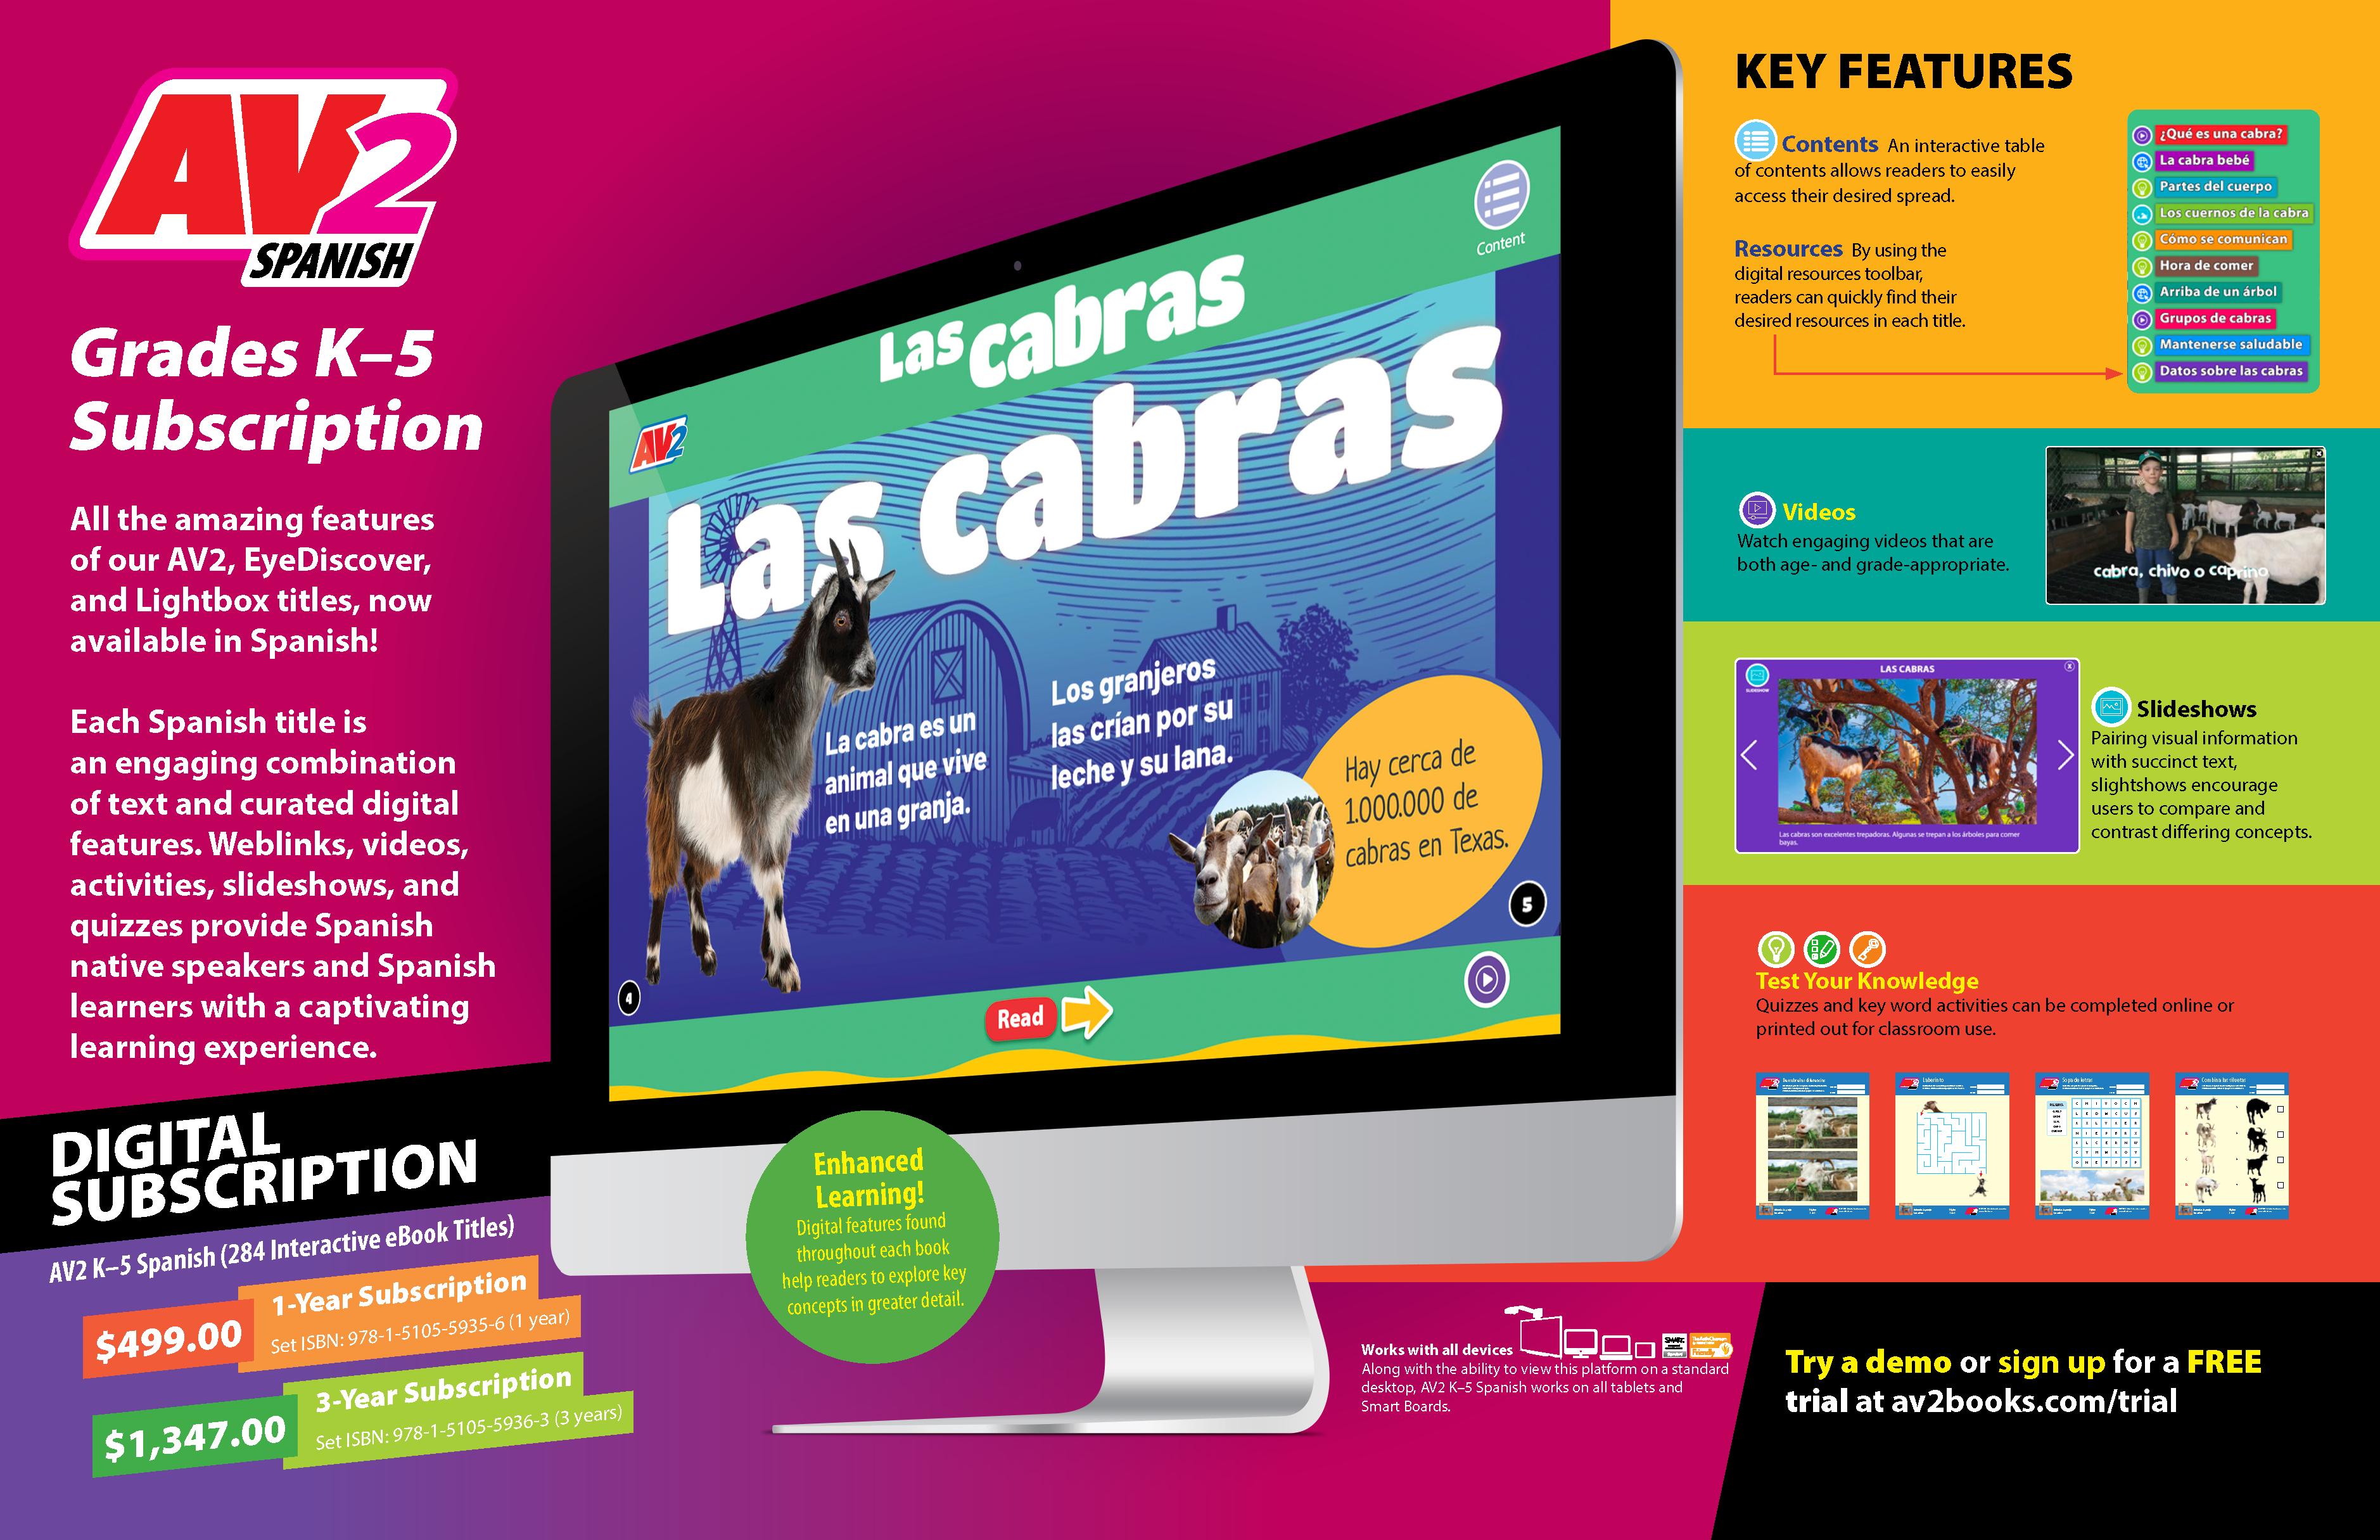 AV2 Spanish Subscription (1)